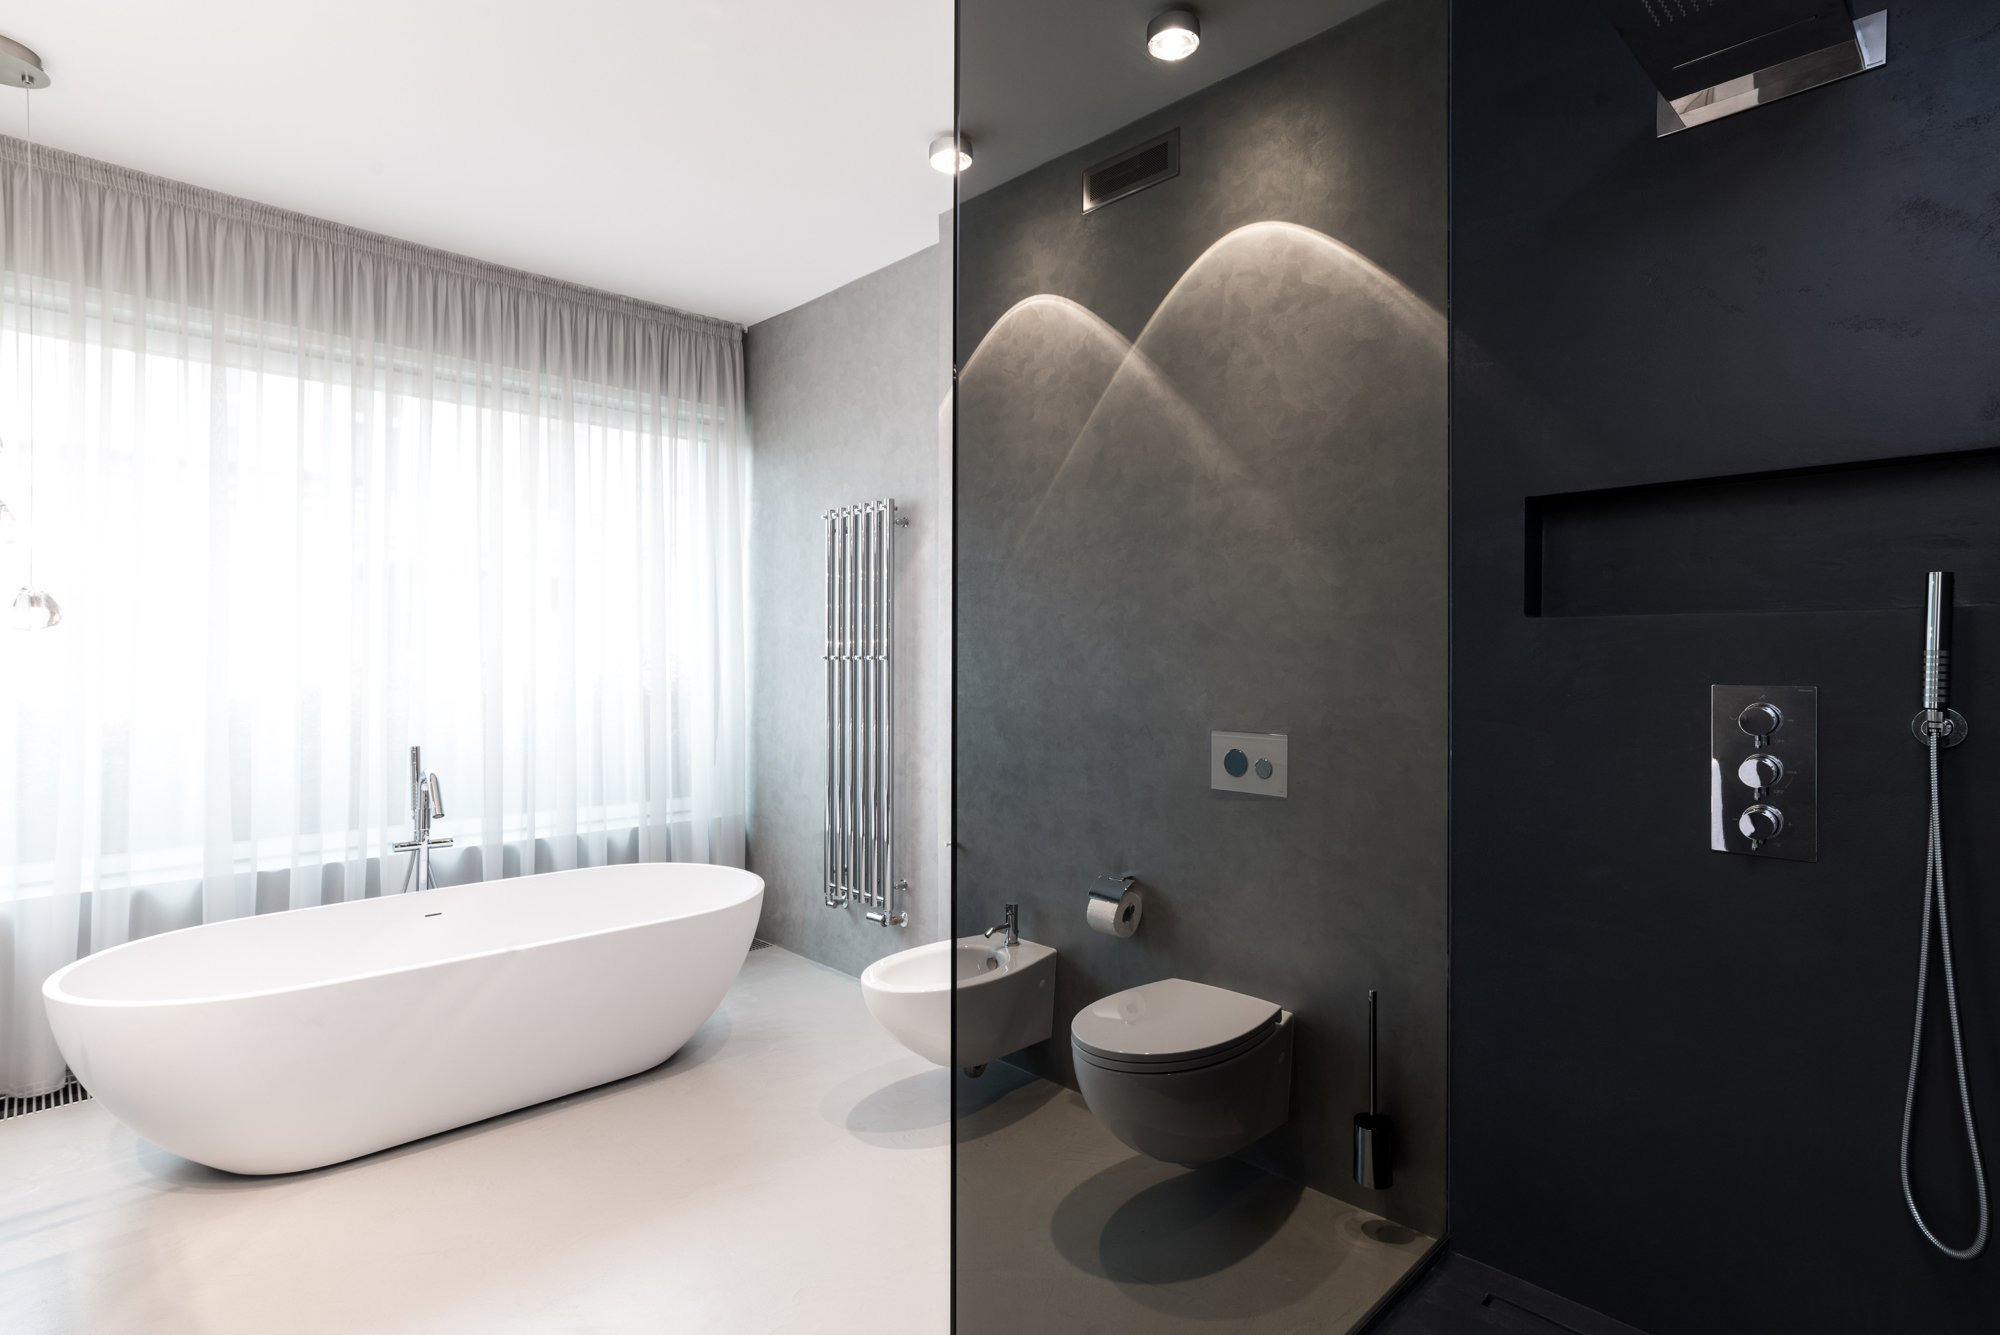 Interiér bytu v novostavbě  Design:OOOOX| Ing. Arch. Radka Valová, ing. Arch. Martin Moravec  Dispozice – byt byl pro klienty připraven ve…